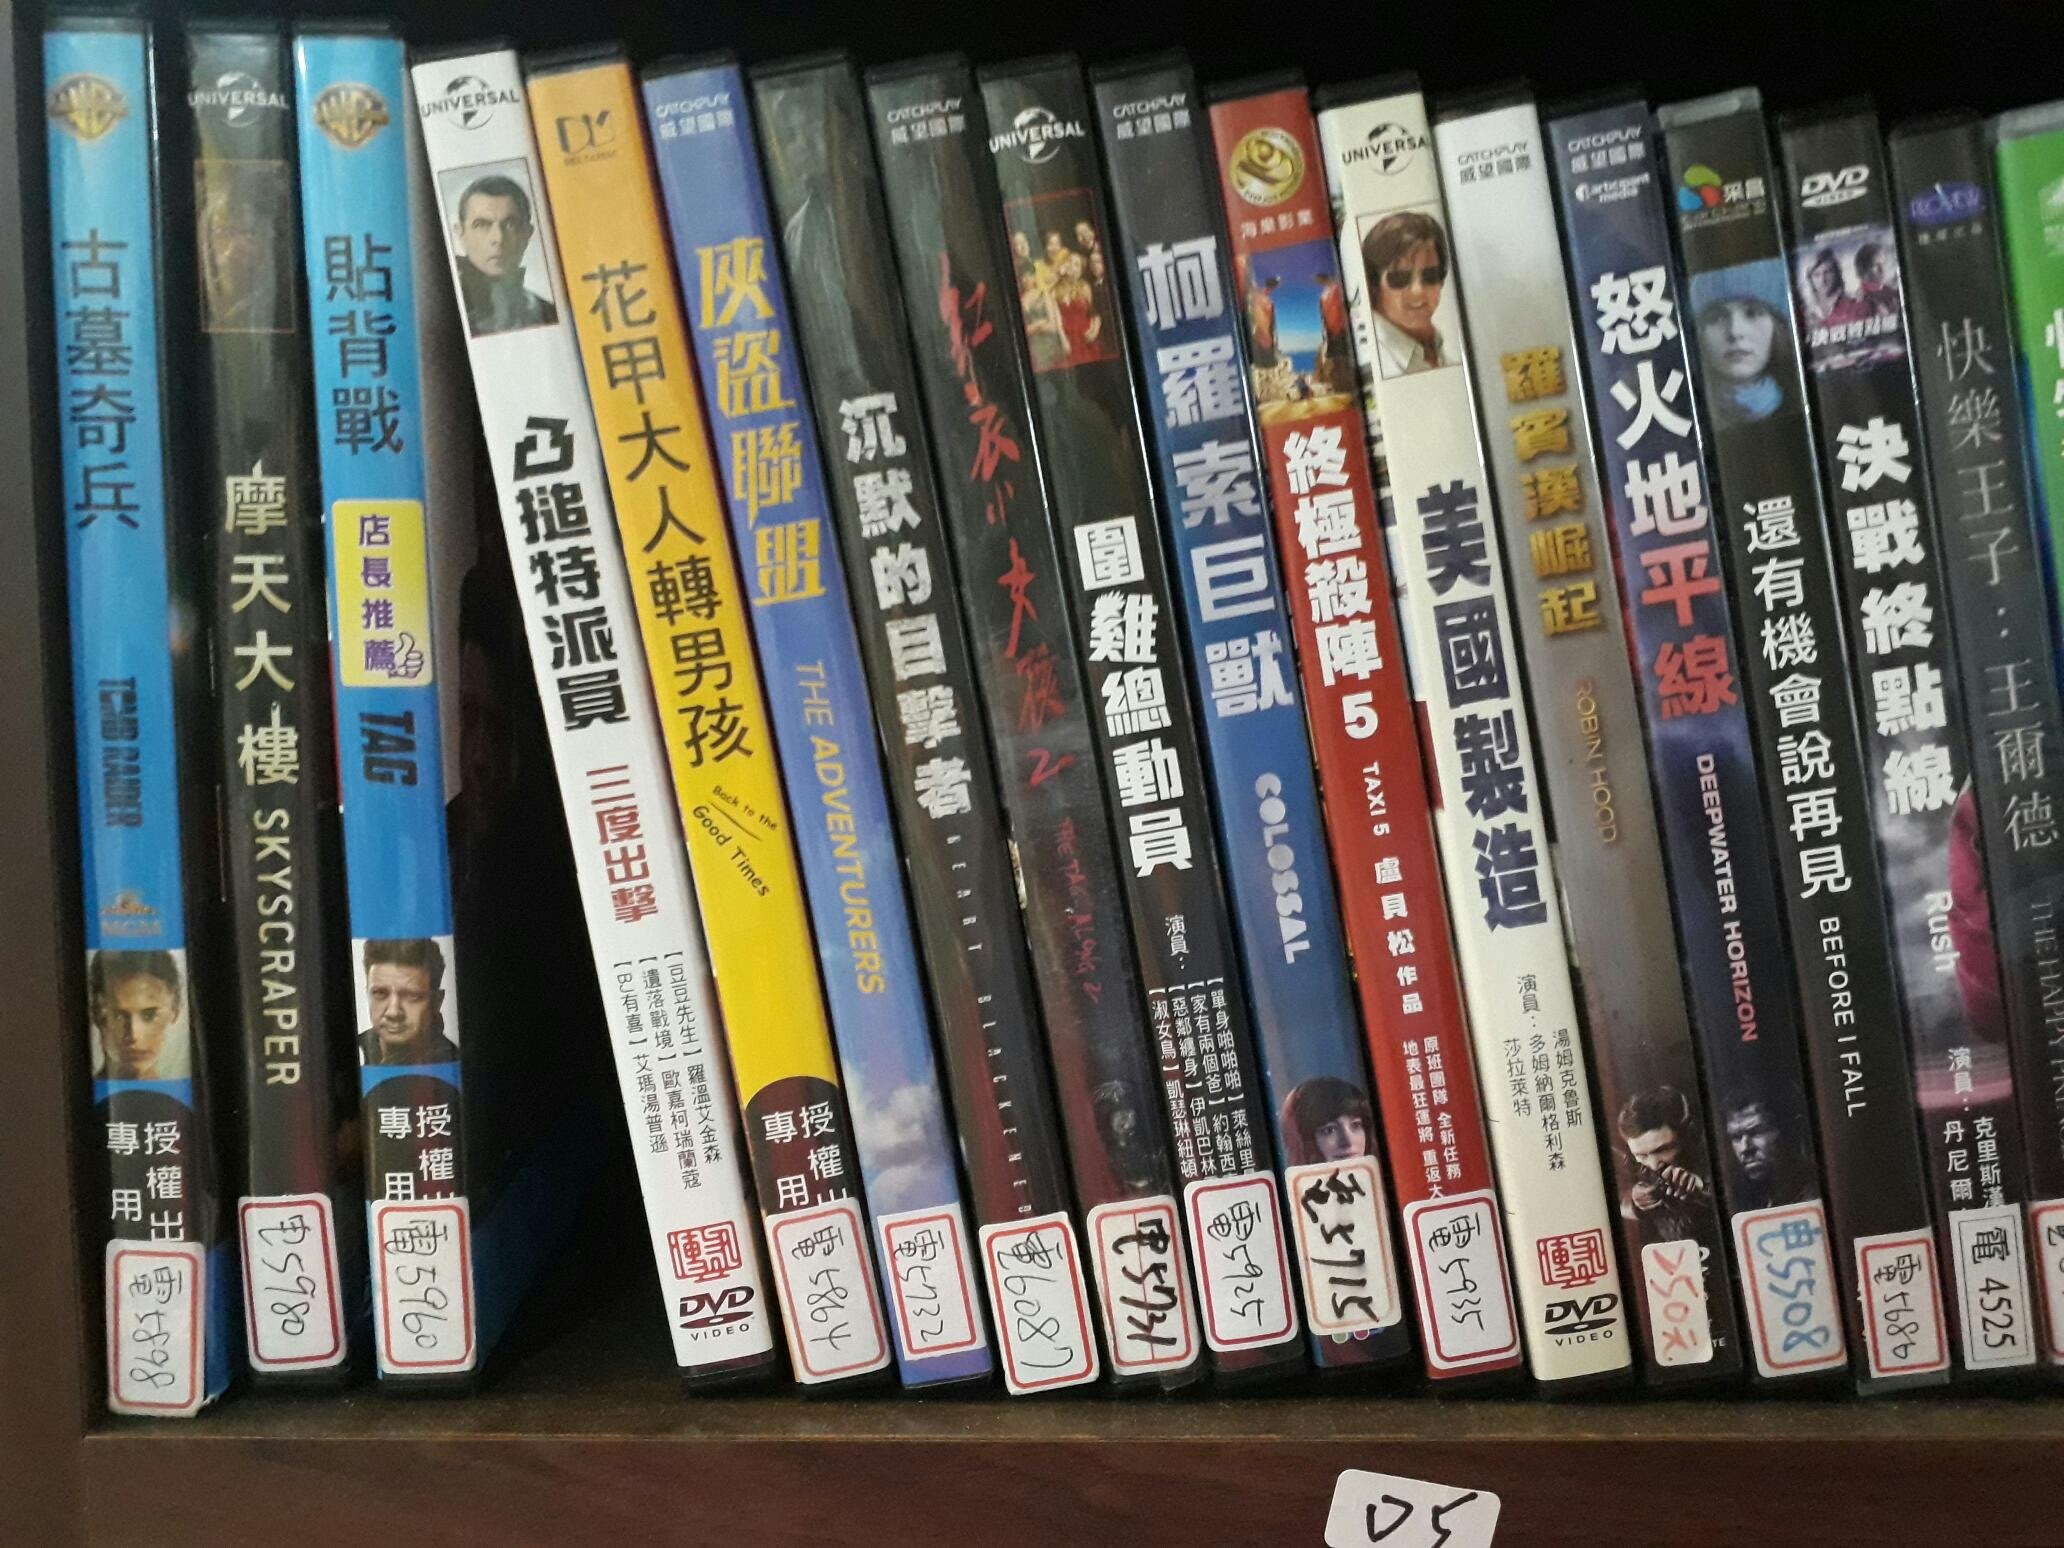 【超級賣二手書】電影DVD-《沉默的目擊者》-崔岷植、朴信惠、柳俊烈、李荷妮